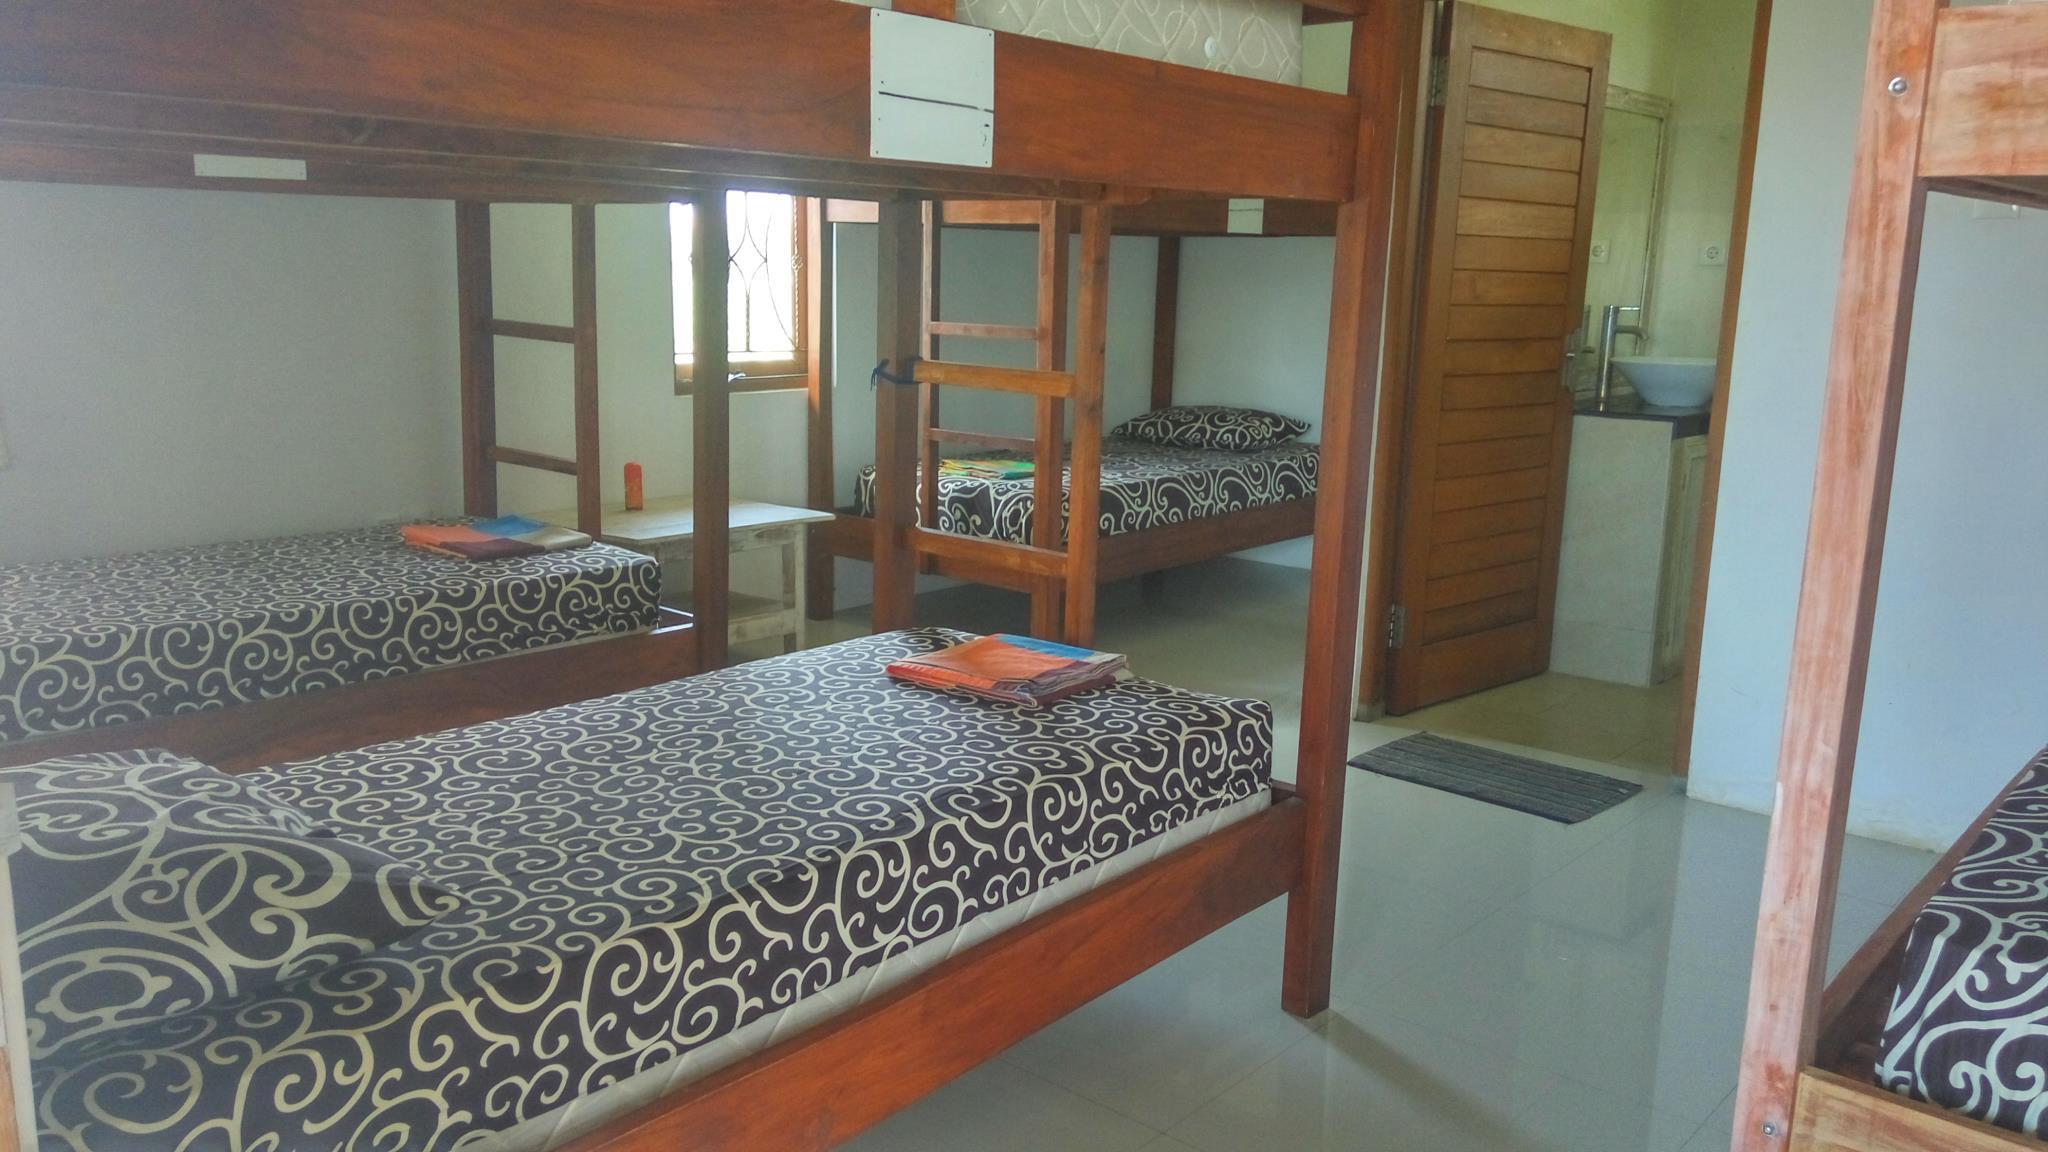 Hotel Berawa Beach Garden Hostel - Jalan Pantai Berawa Gang Hiu No 1 - Bali